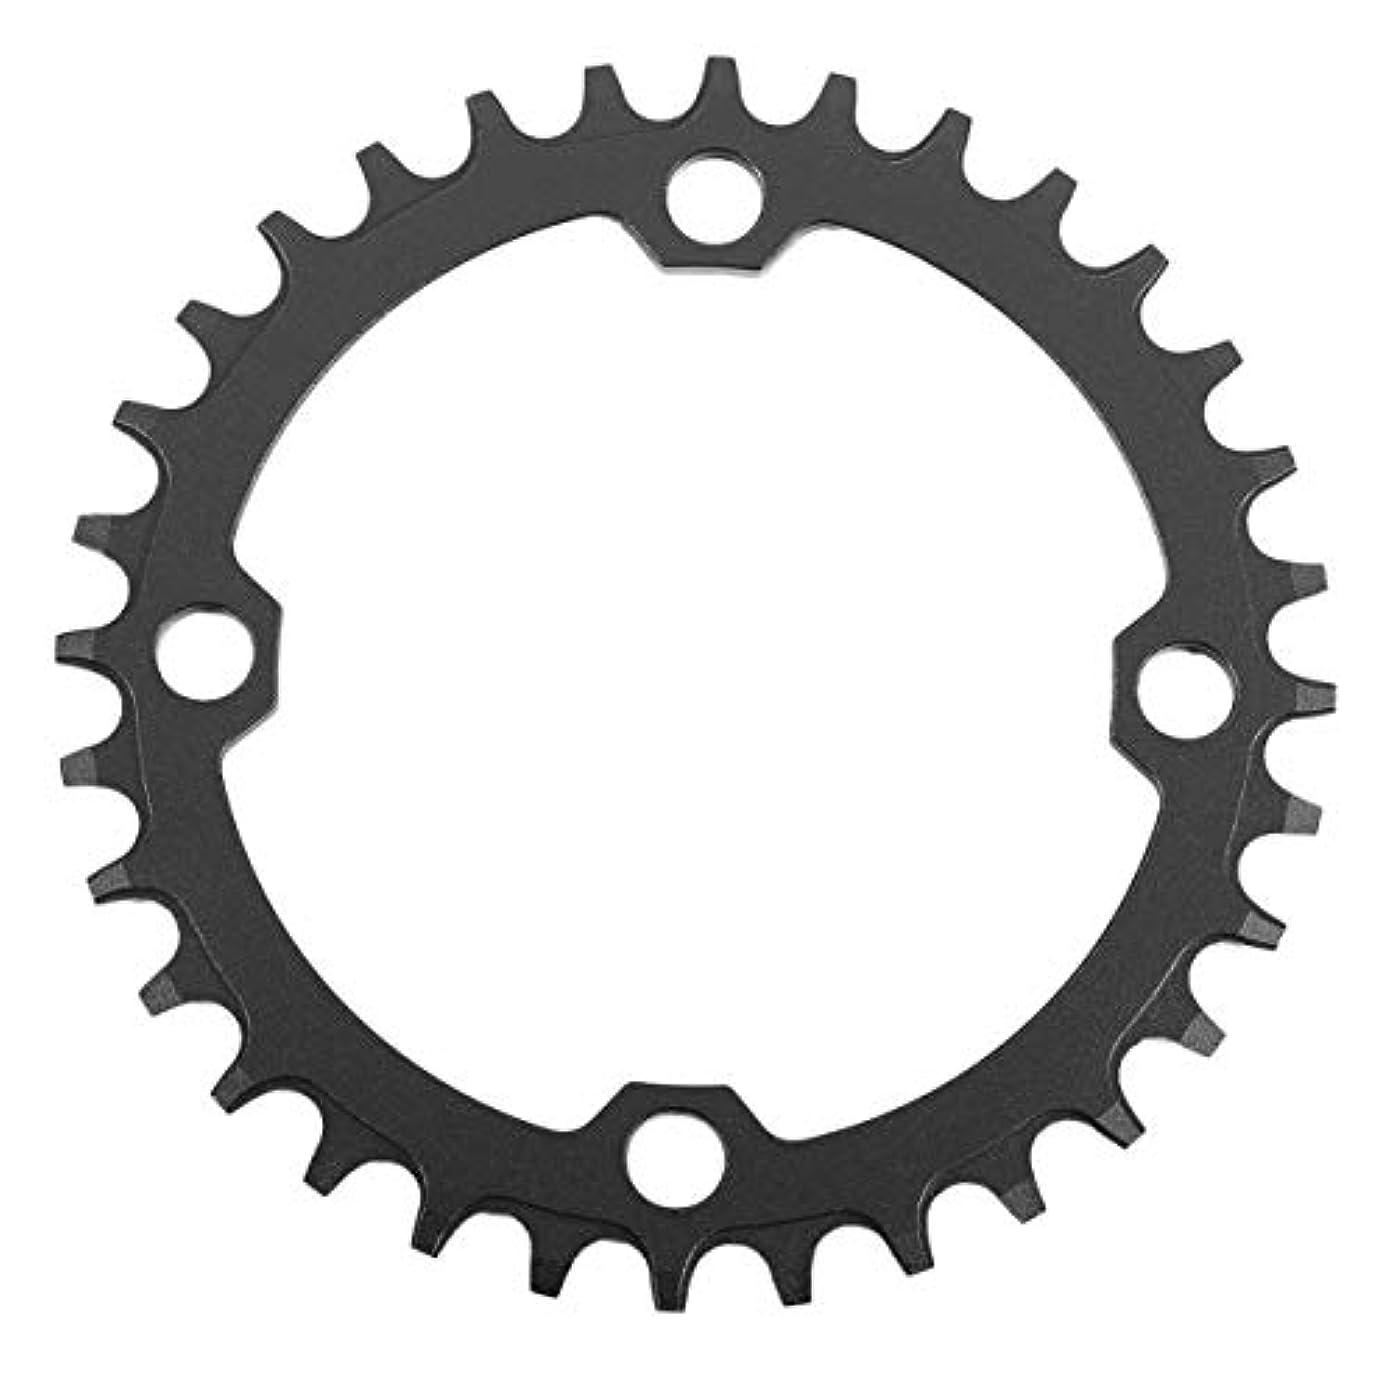 応じる夜スペシャリストDECKAS Narrow Wide Bike MTB Crank Round Oval Chainring Chain Ring自転車Chainwheel Bike Circle Single Plate-ブラック